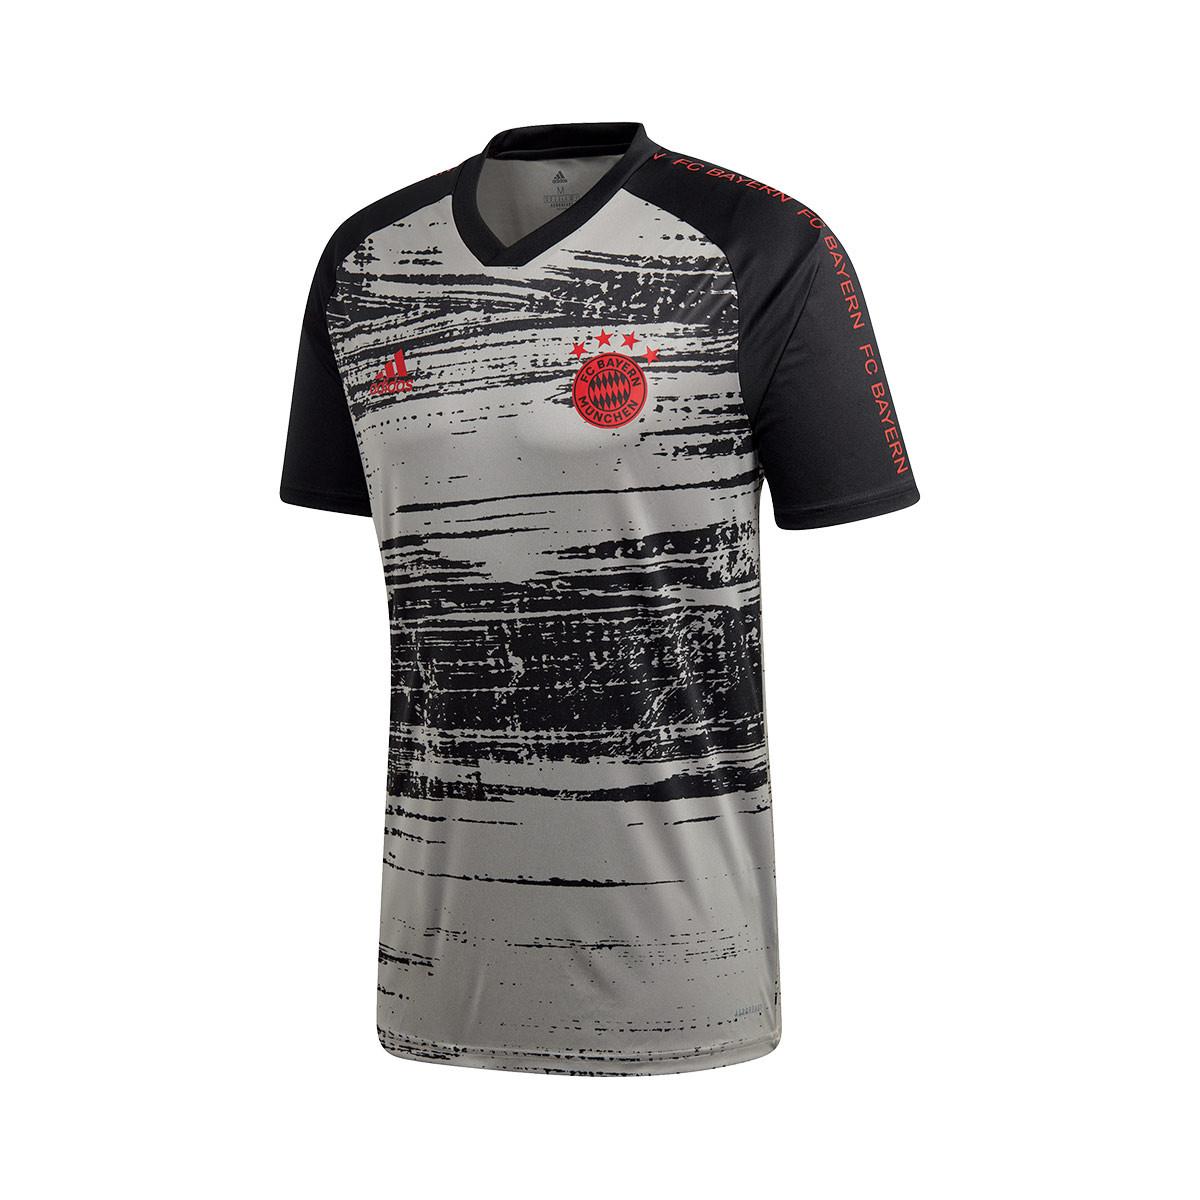 Enredo Christchurch Fanático  Jersey adidas FC Bayern Munich Pre Match 2020-2021 Dove grey-Black -  Football store Fútbol Emotion